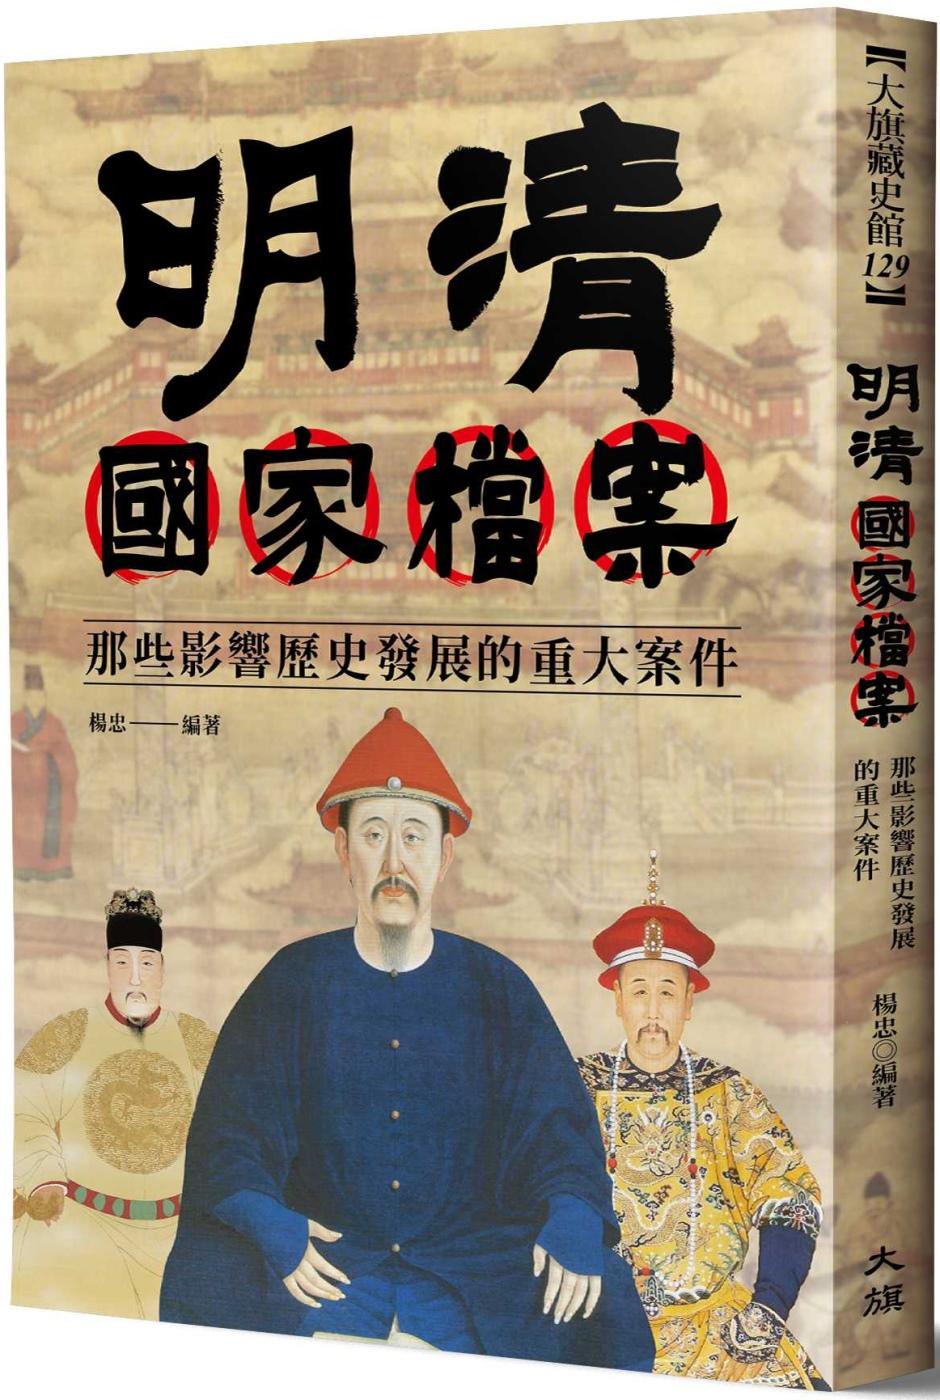 明清國家檔案:那些影響歷史發展...